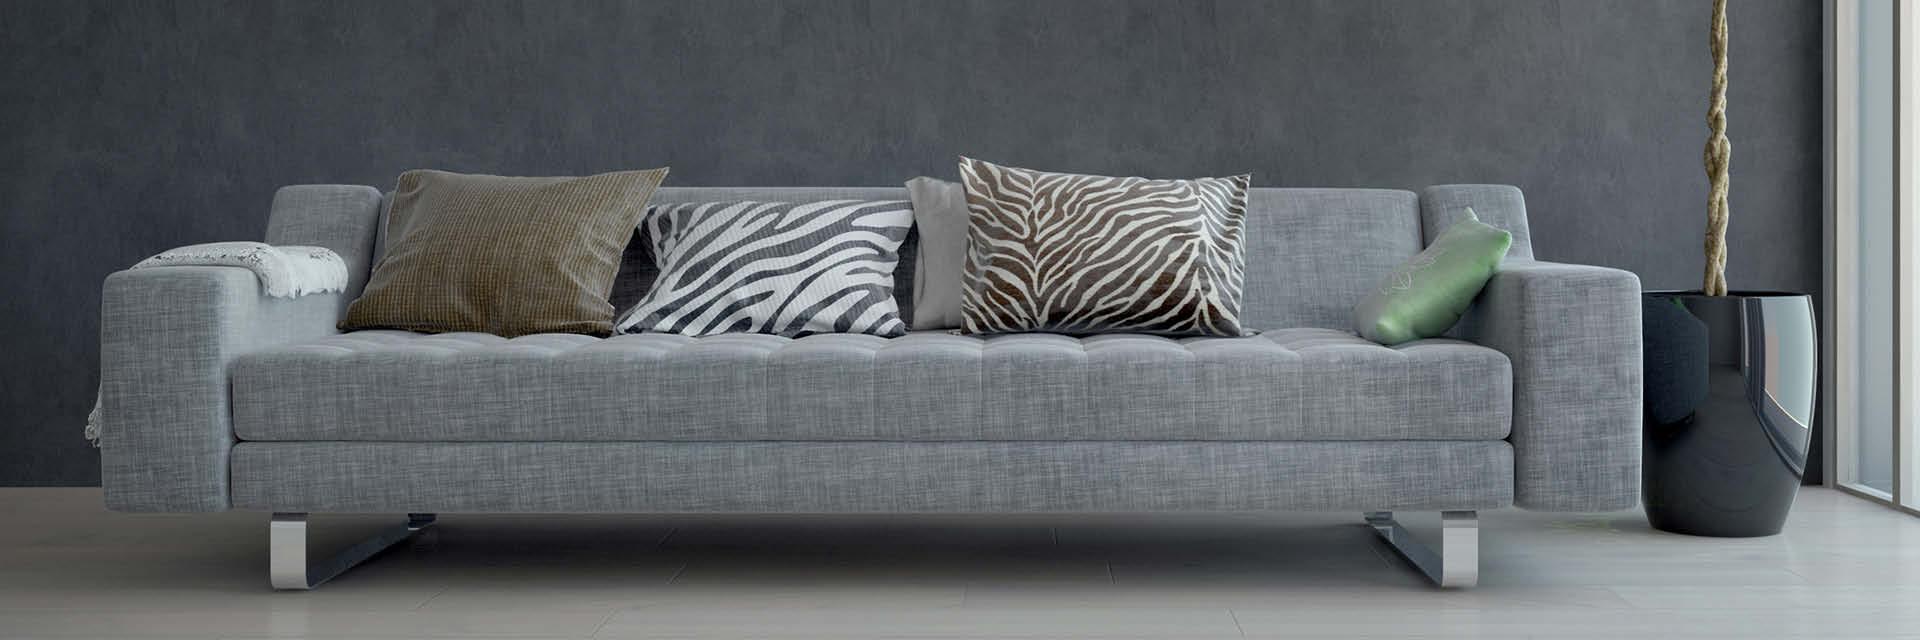 Ein graues Sofa ist zum Beispiel ein Basic-Möbelstück, das auf vielfältige Weise in Kombination mit wechselnden Accessoires immer wieder neu in Szene gesetzt werden kann.